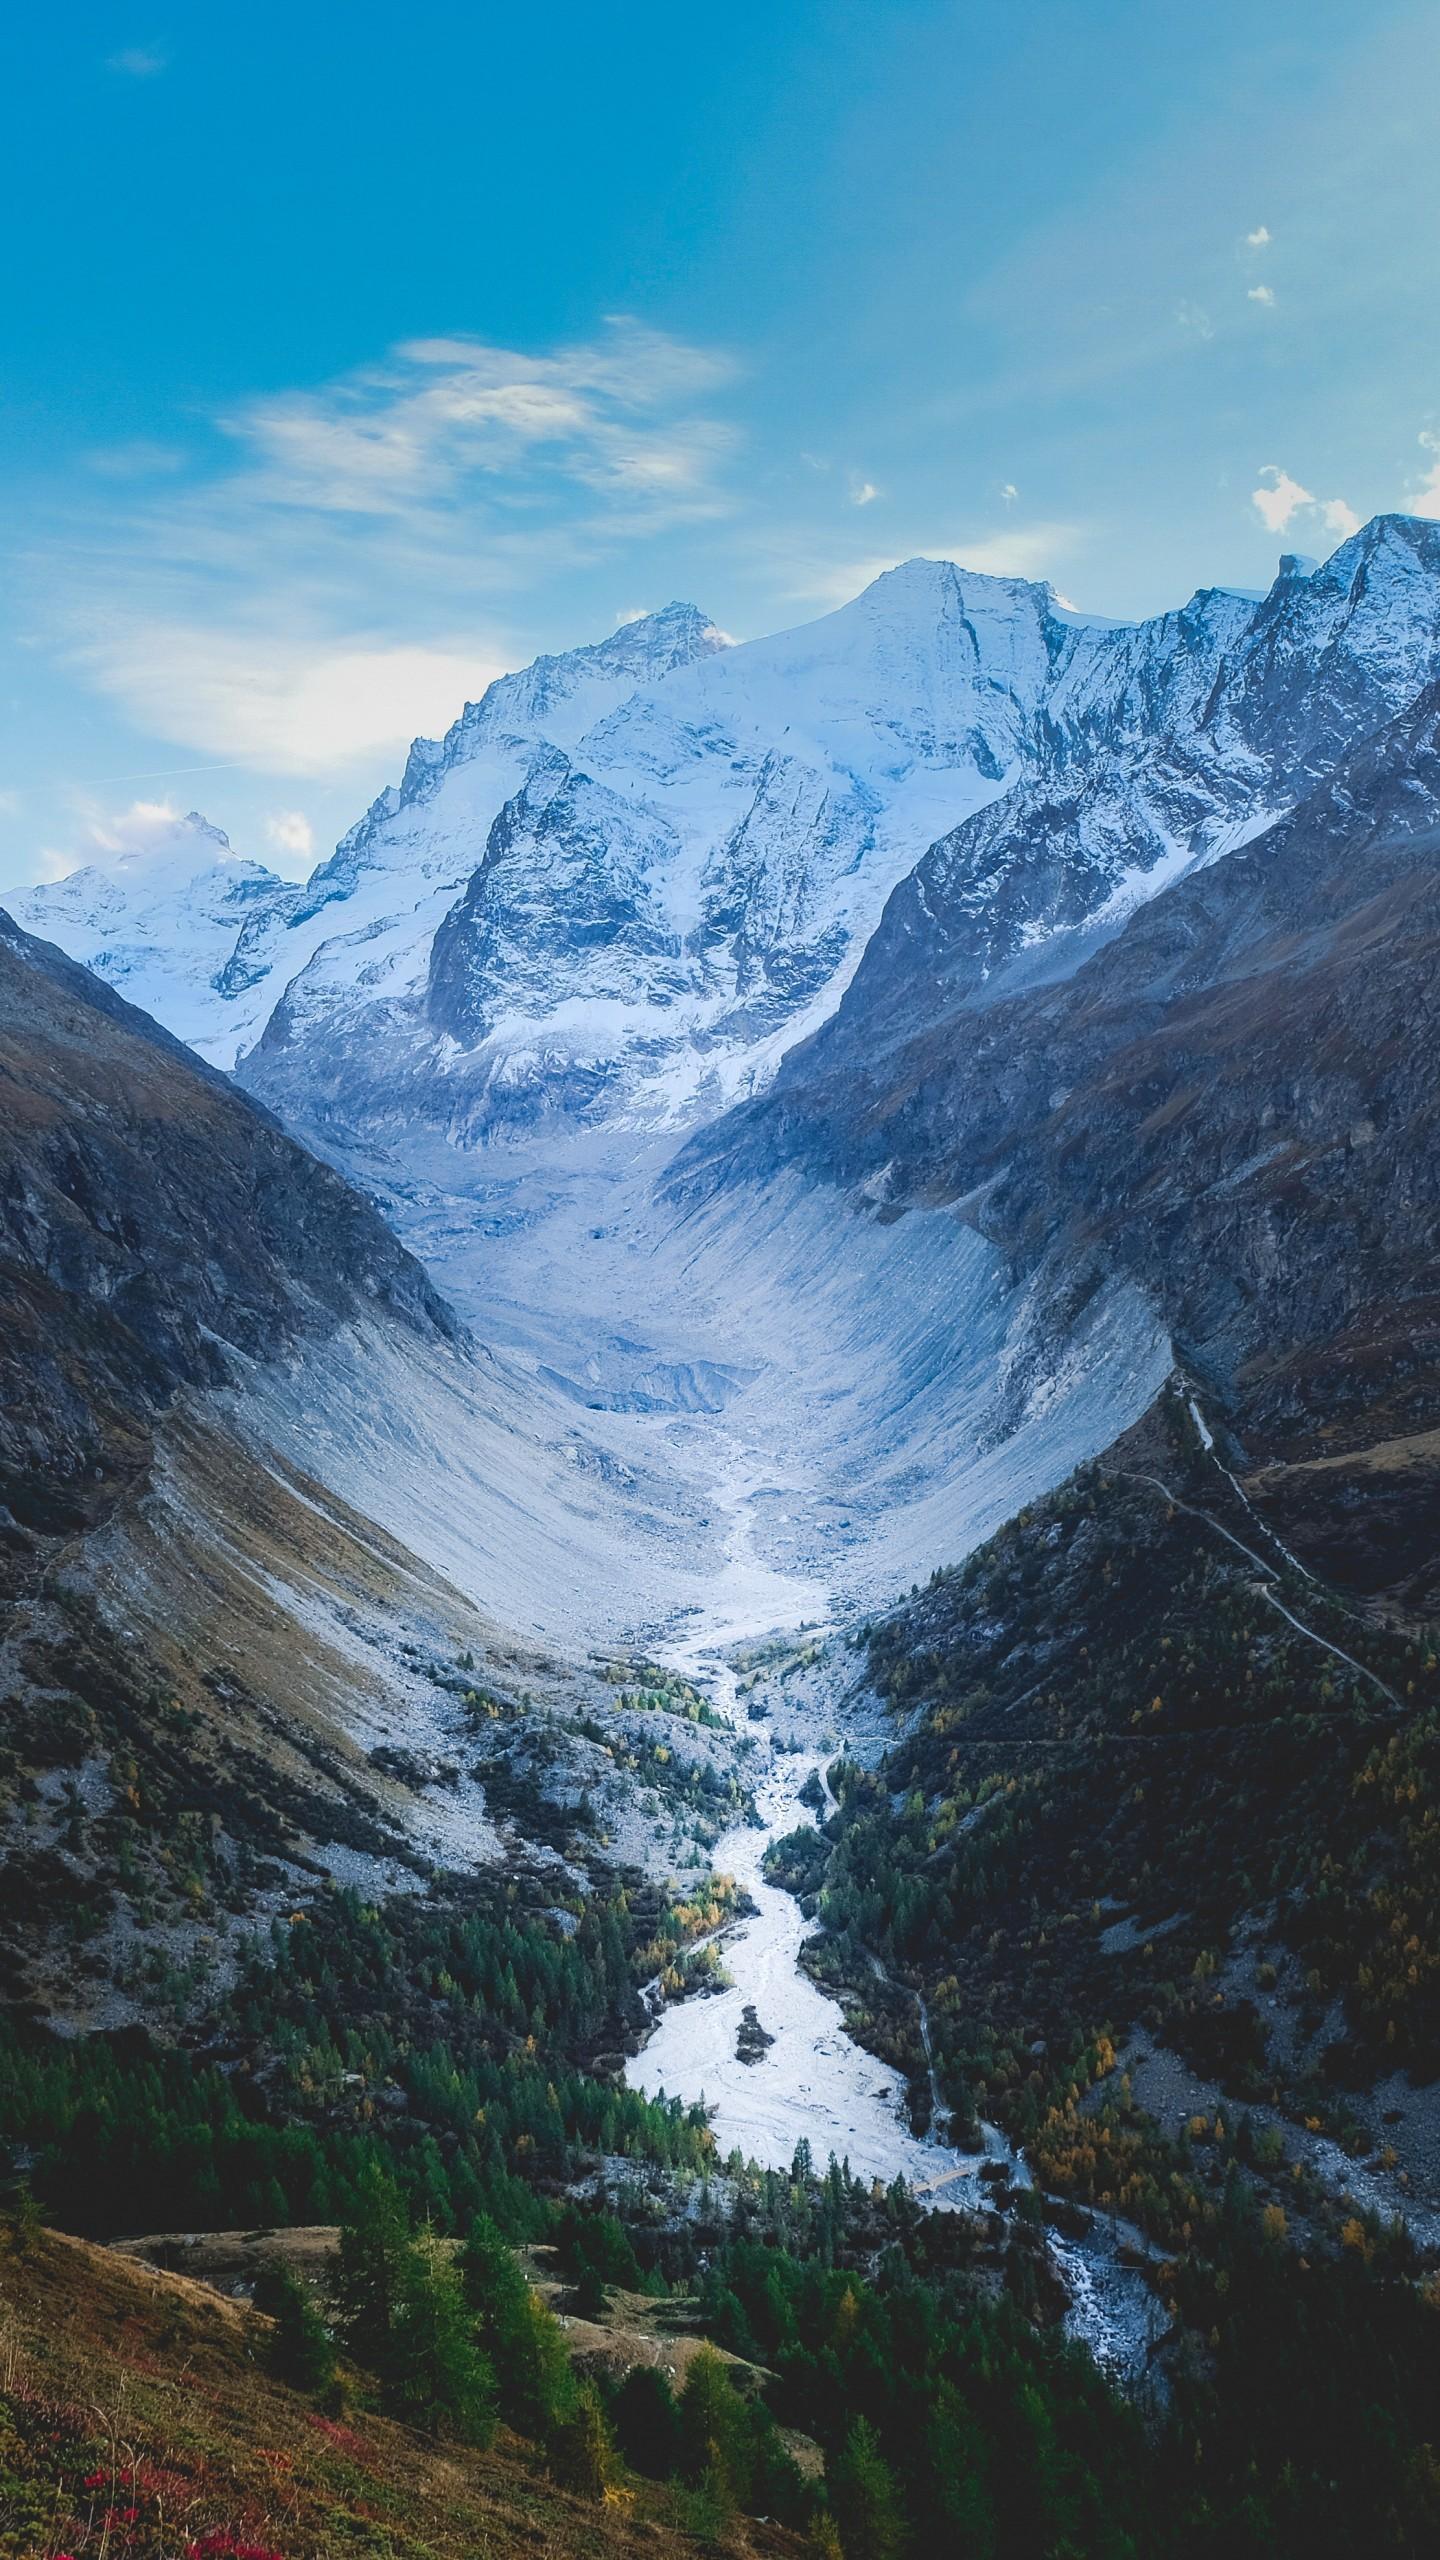 عکس زمینه کوهستان های پوشانده از برف در سوئیس پس زمینه